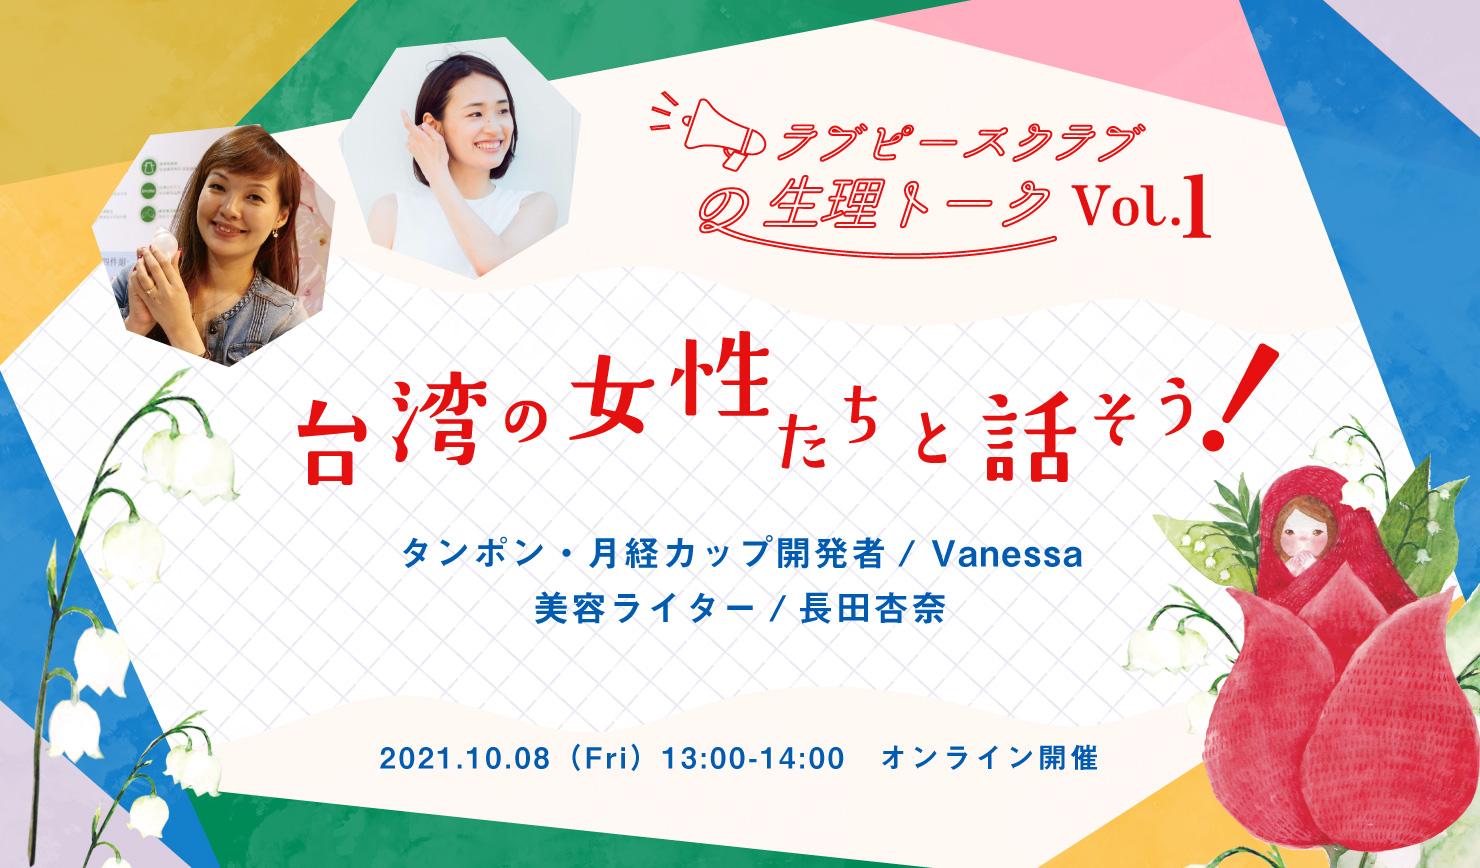 10月8日イベントラブピースクラブの生理トーク Vol.1  台湾の女性と話そう!